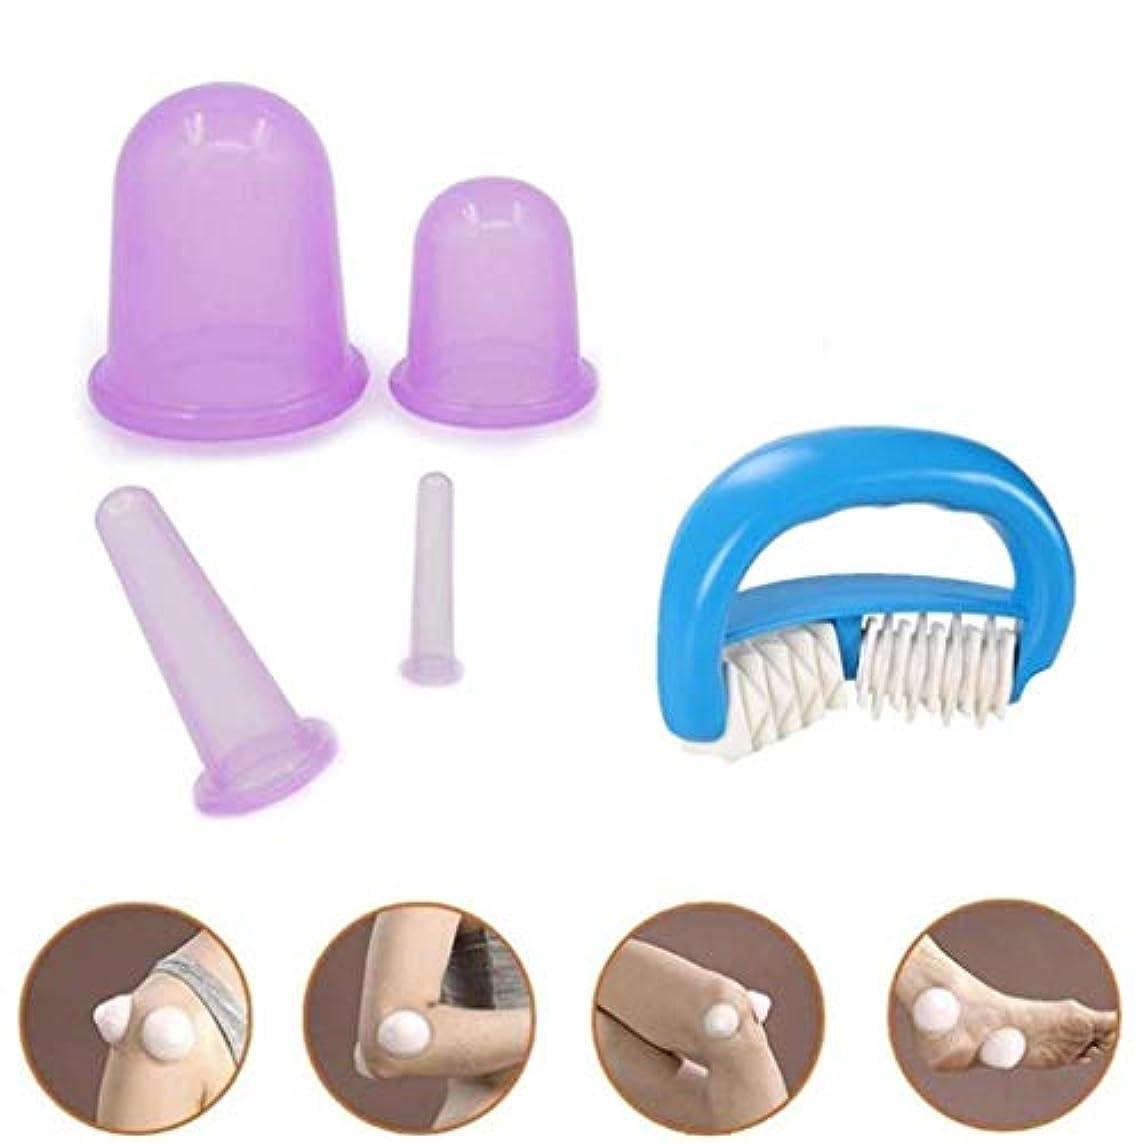 麦芽雨のアサーシリコンカッピングカップ、スリミングローラーカッピングデバイス、ポータブルしわ除去脂肪セット、ボディリンパ筋膜ファミリー真空マッサージカップ